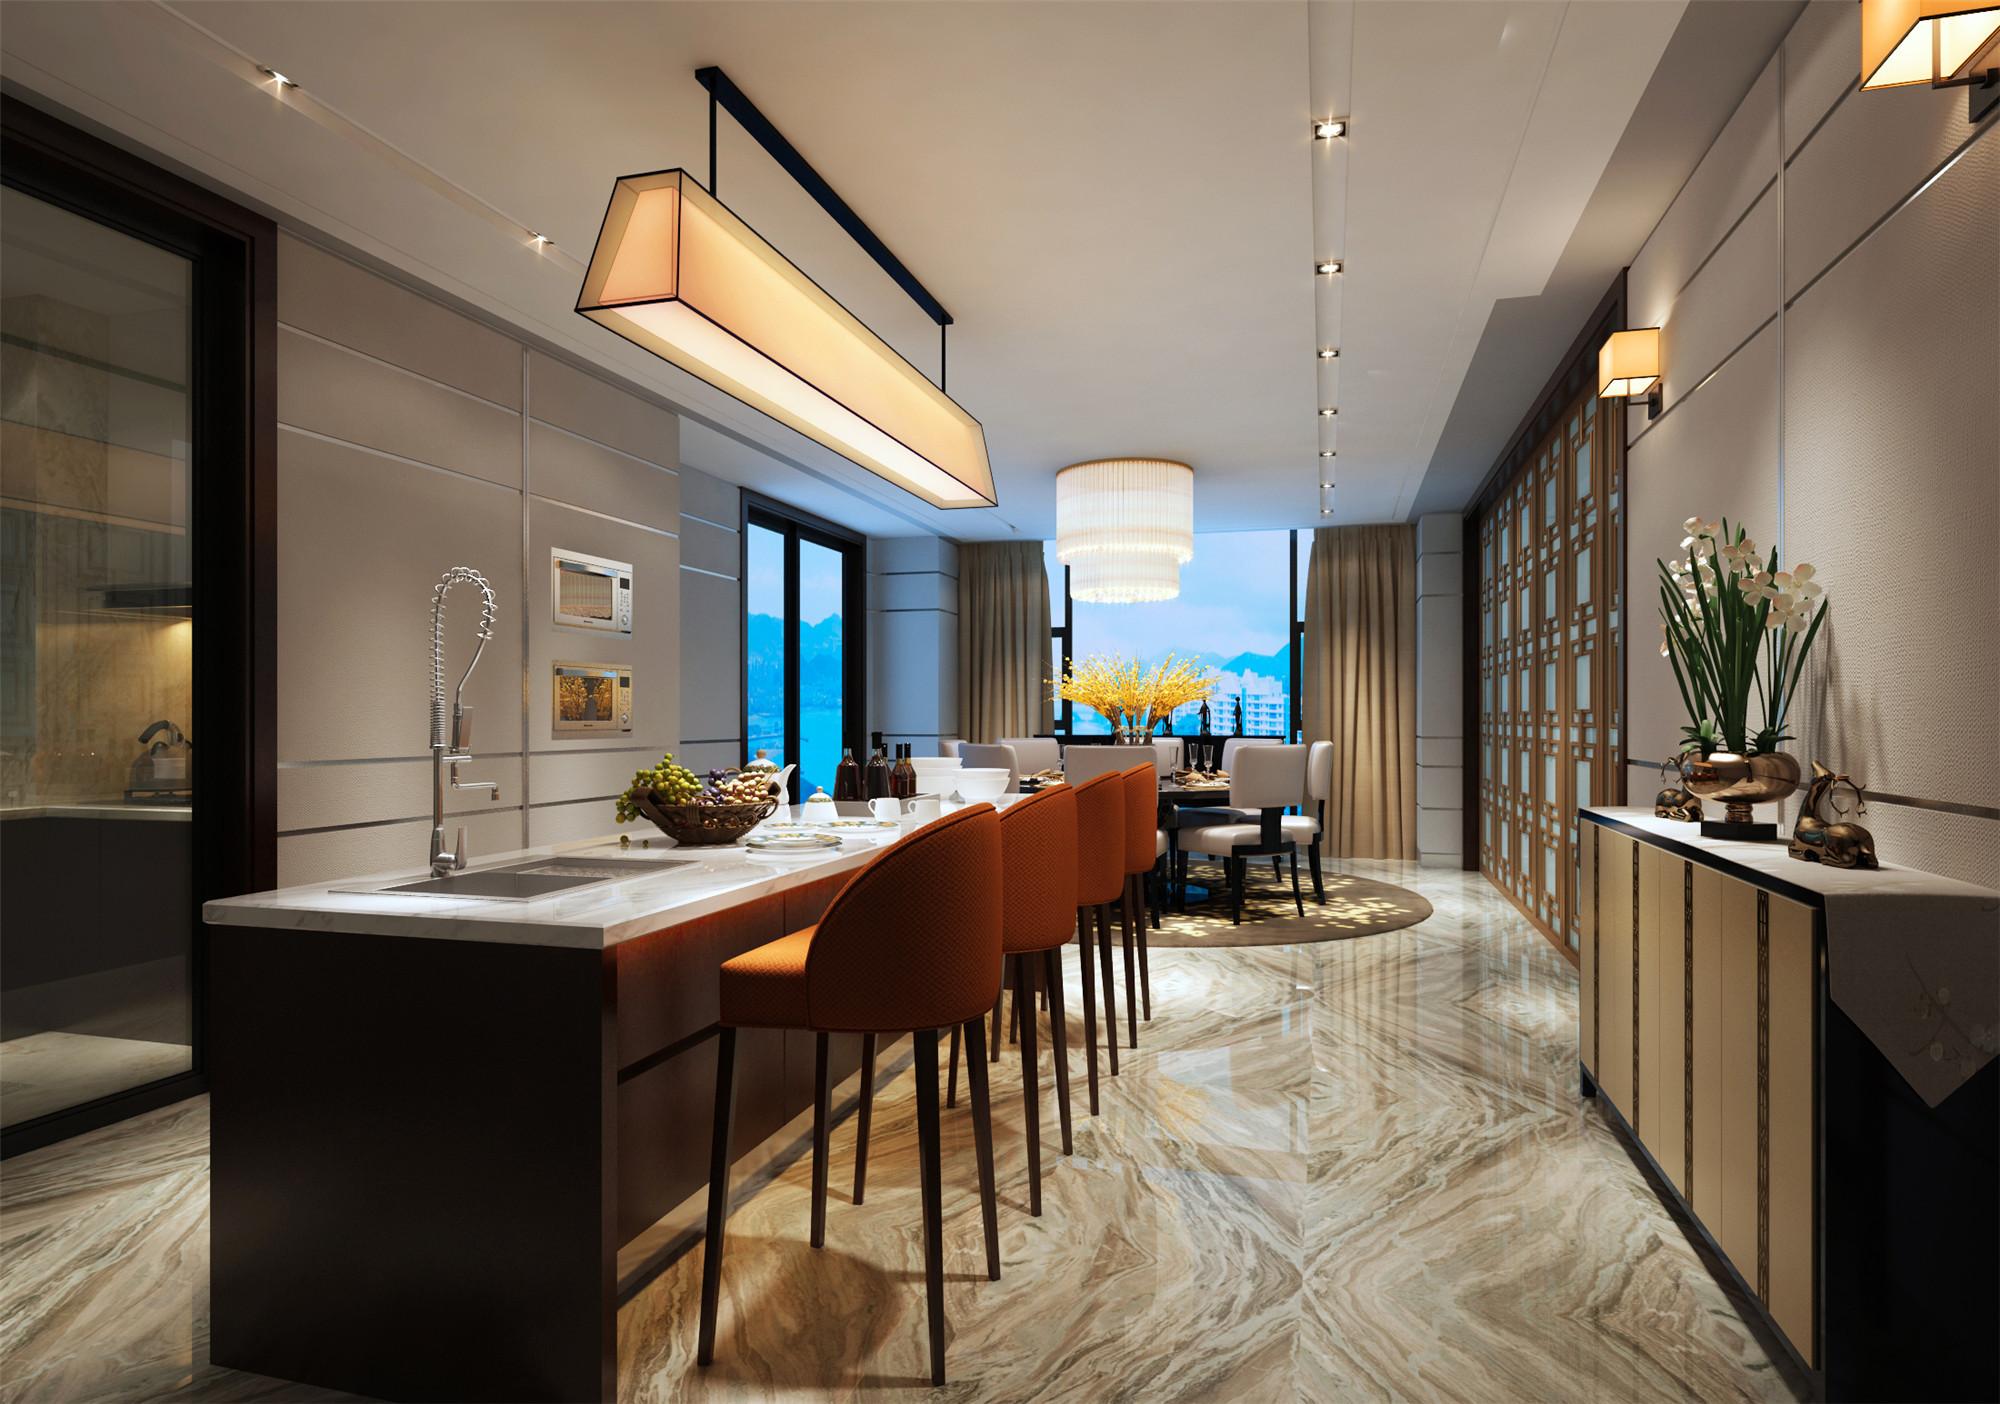 豪华中式别墅装修餐厅效果图